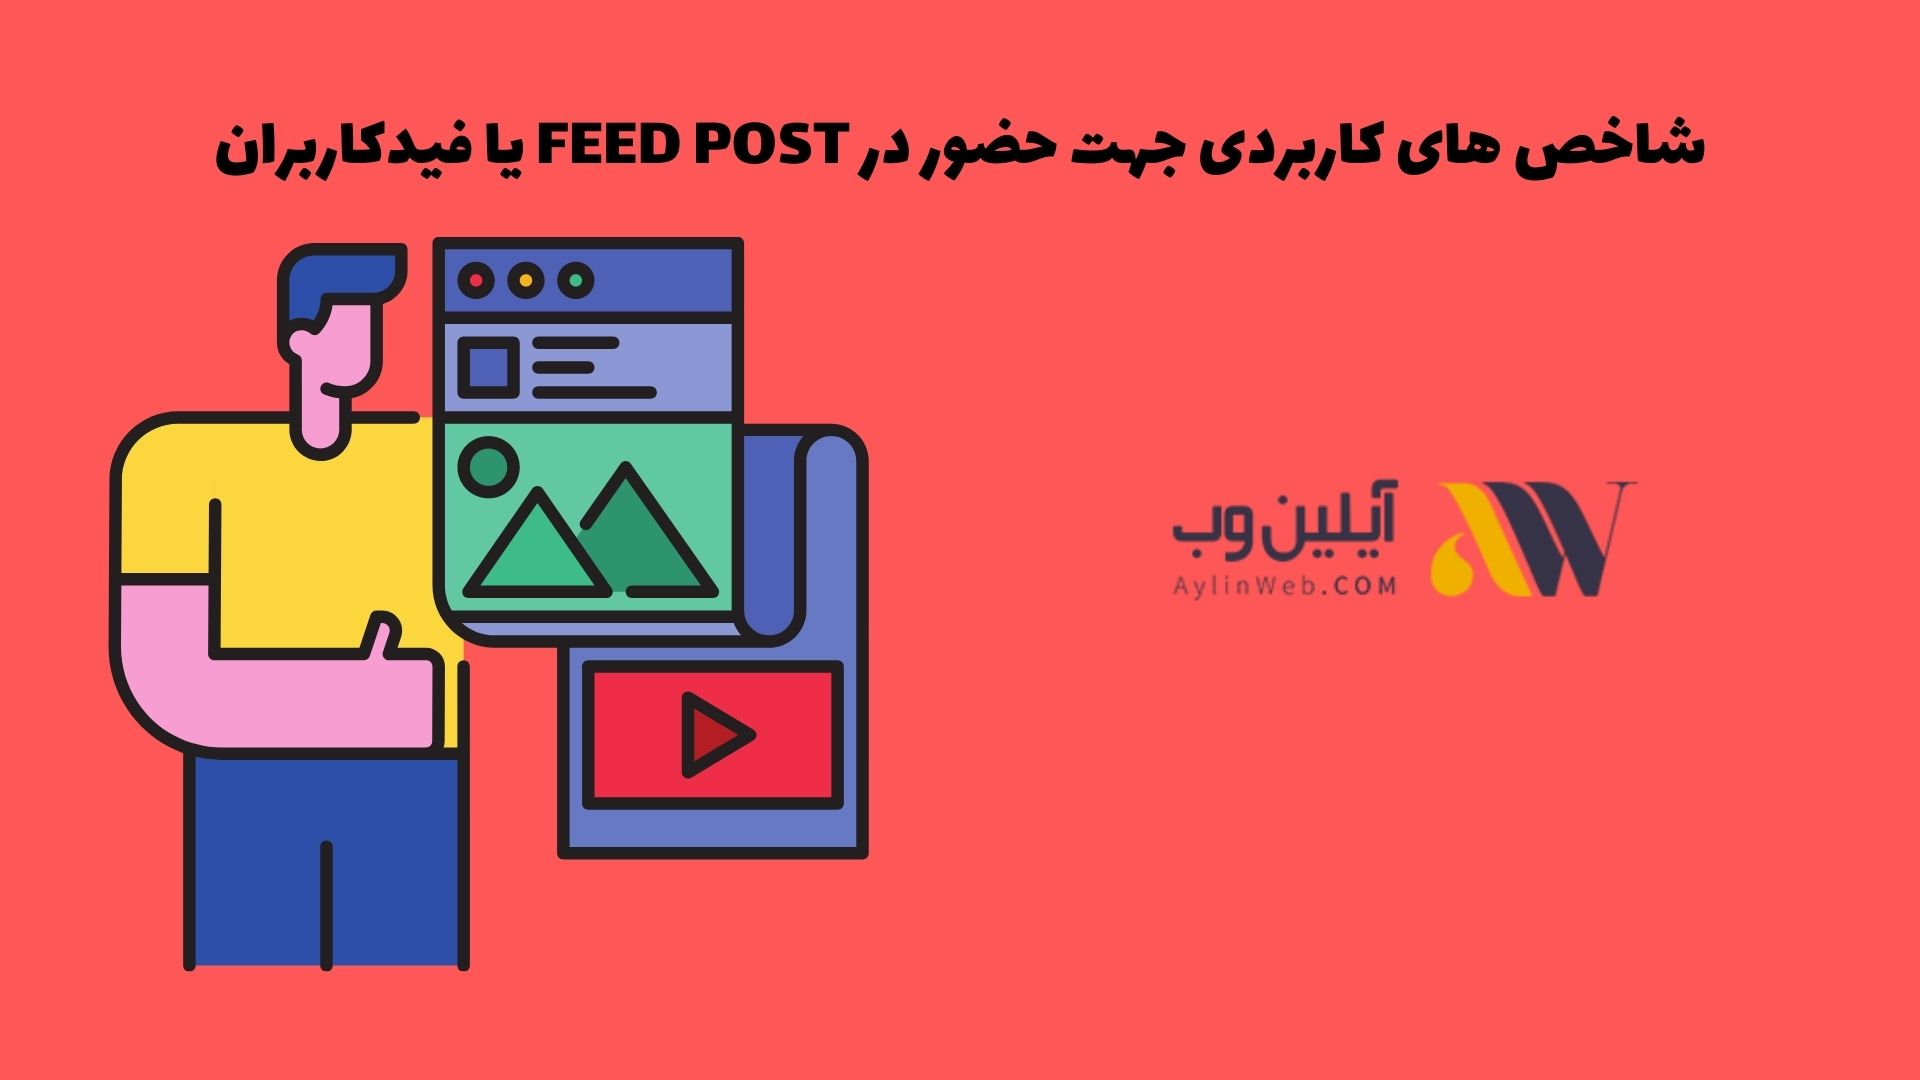 شاخص های کاربردی برای حضور در FEED POST یا فید کاربران